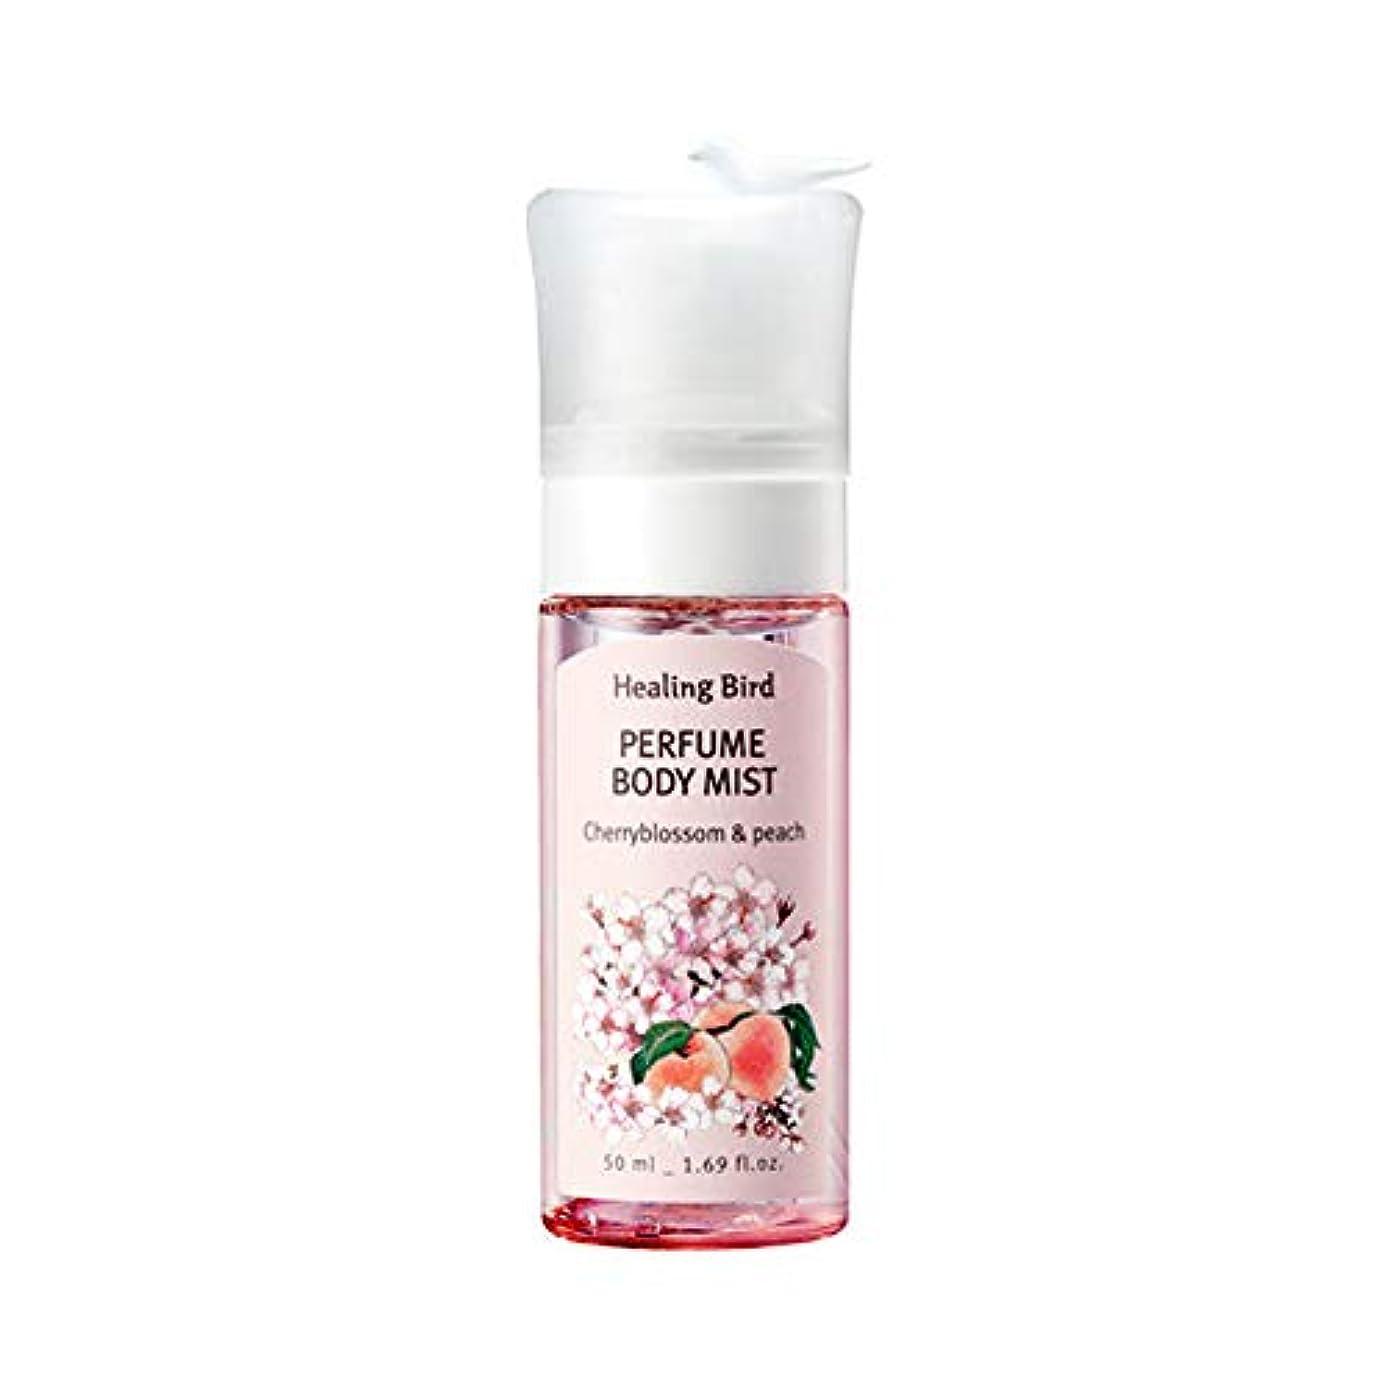 遠え王朝戦闘Healing Bird Perfume Body Mist 50ml パヒュームボディミスト (Cherry Blossom & Peach) [並行輸入品]